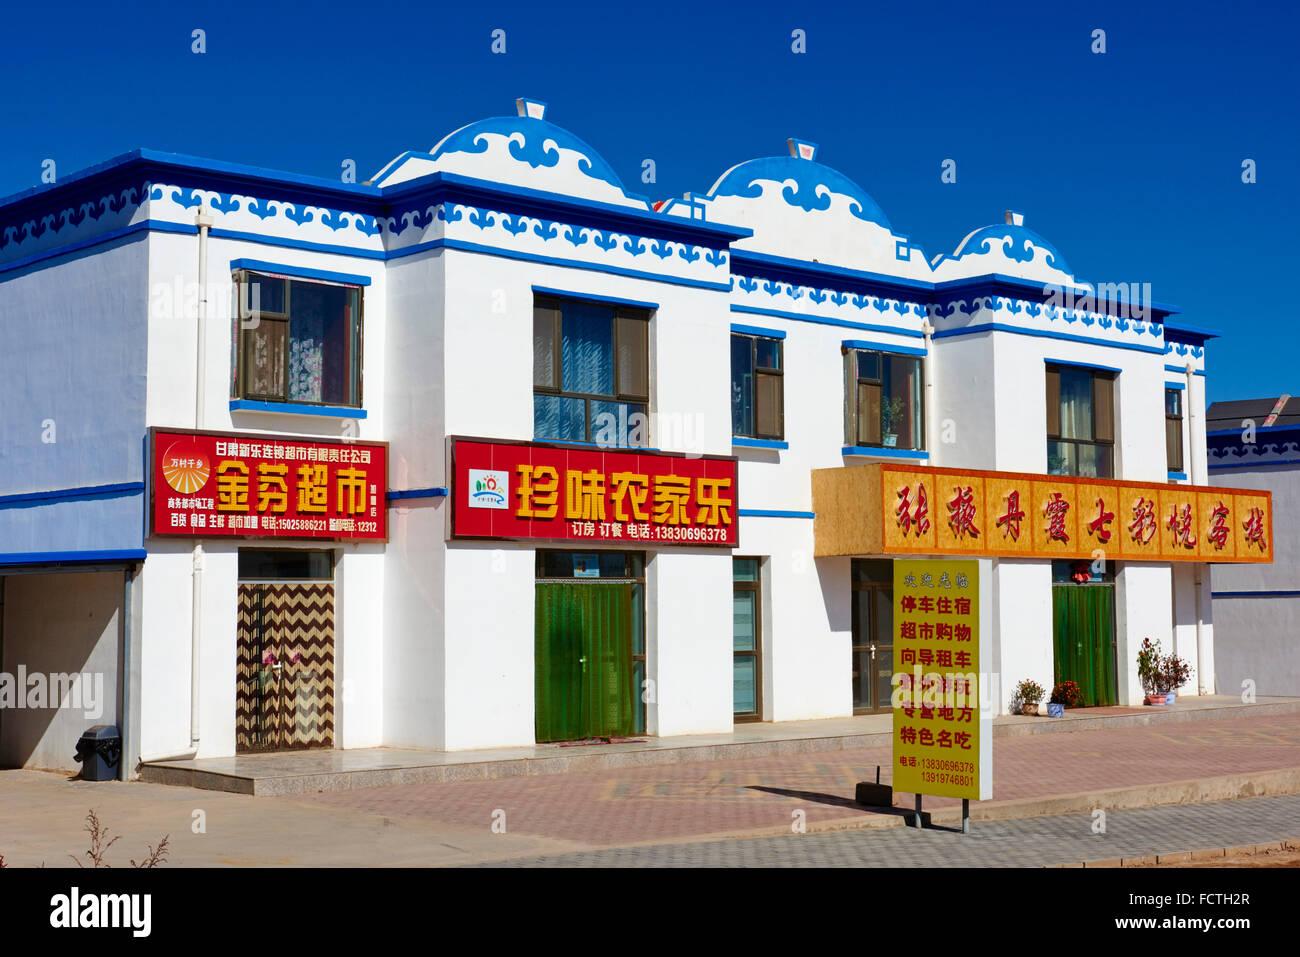 La Chine, la province de Gansu, Zhangye, architecture de style mongol Photo Stock